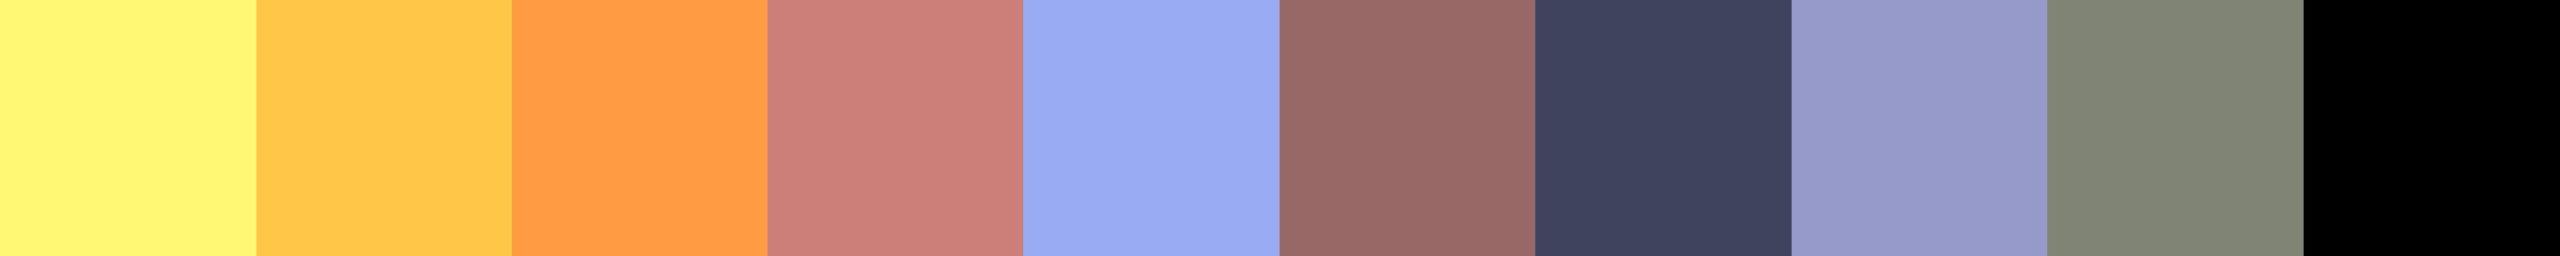 131 Heliova Color Palette